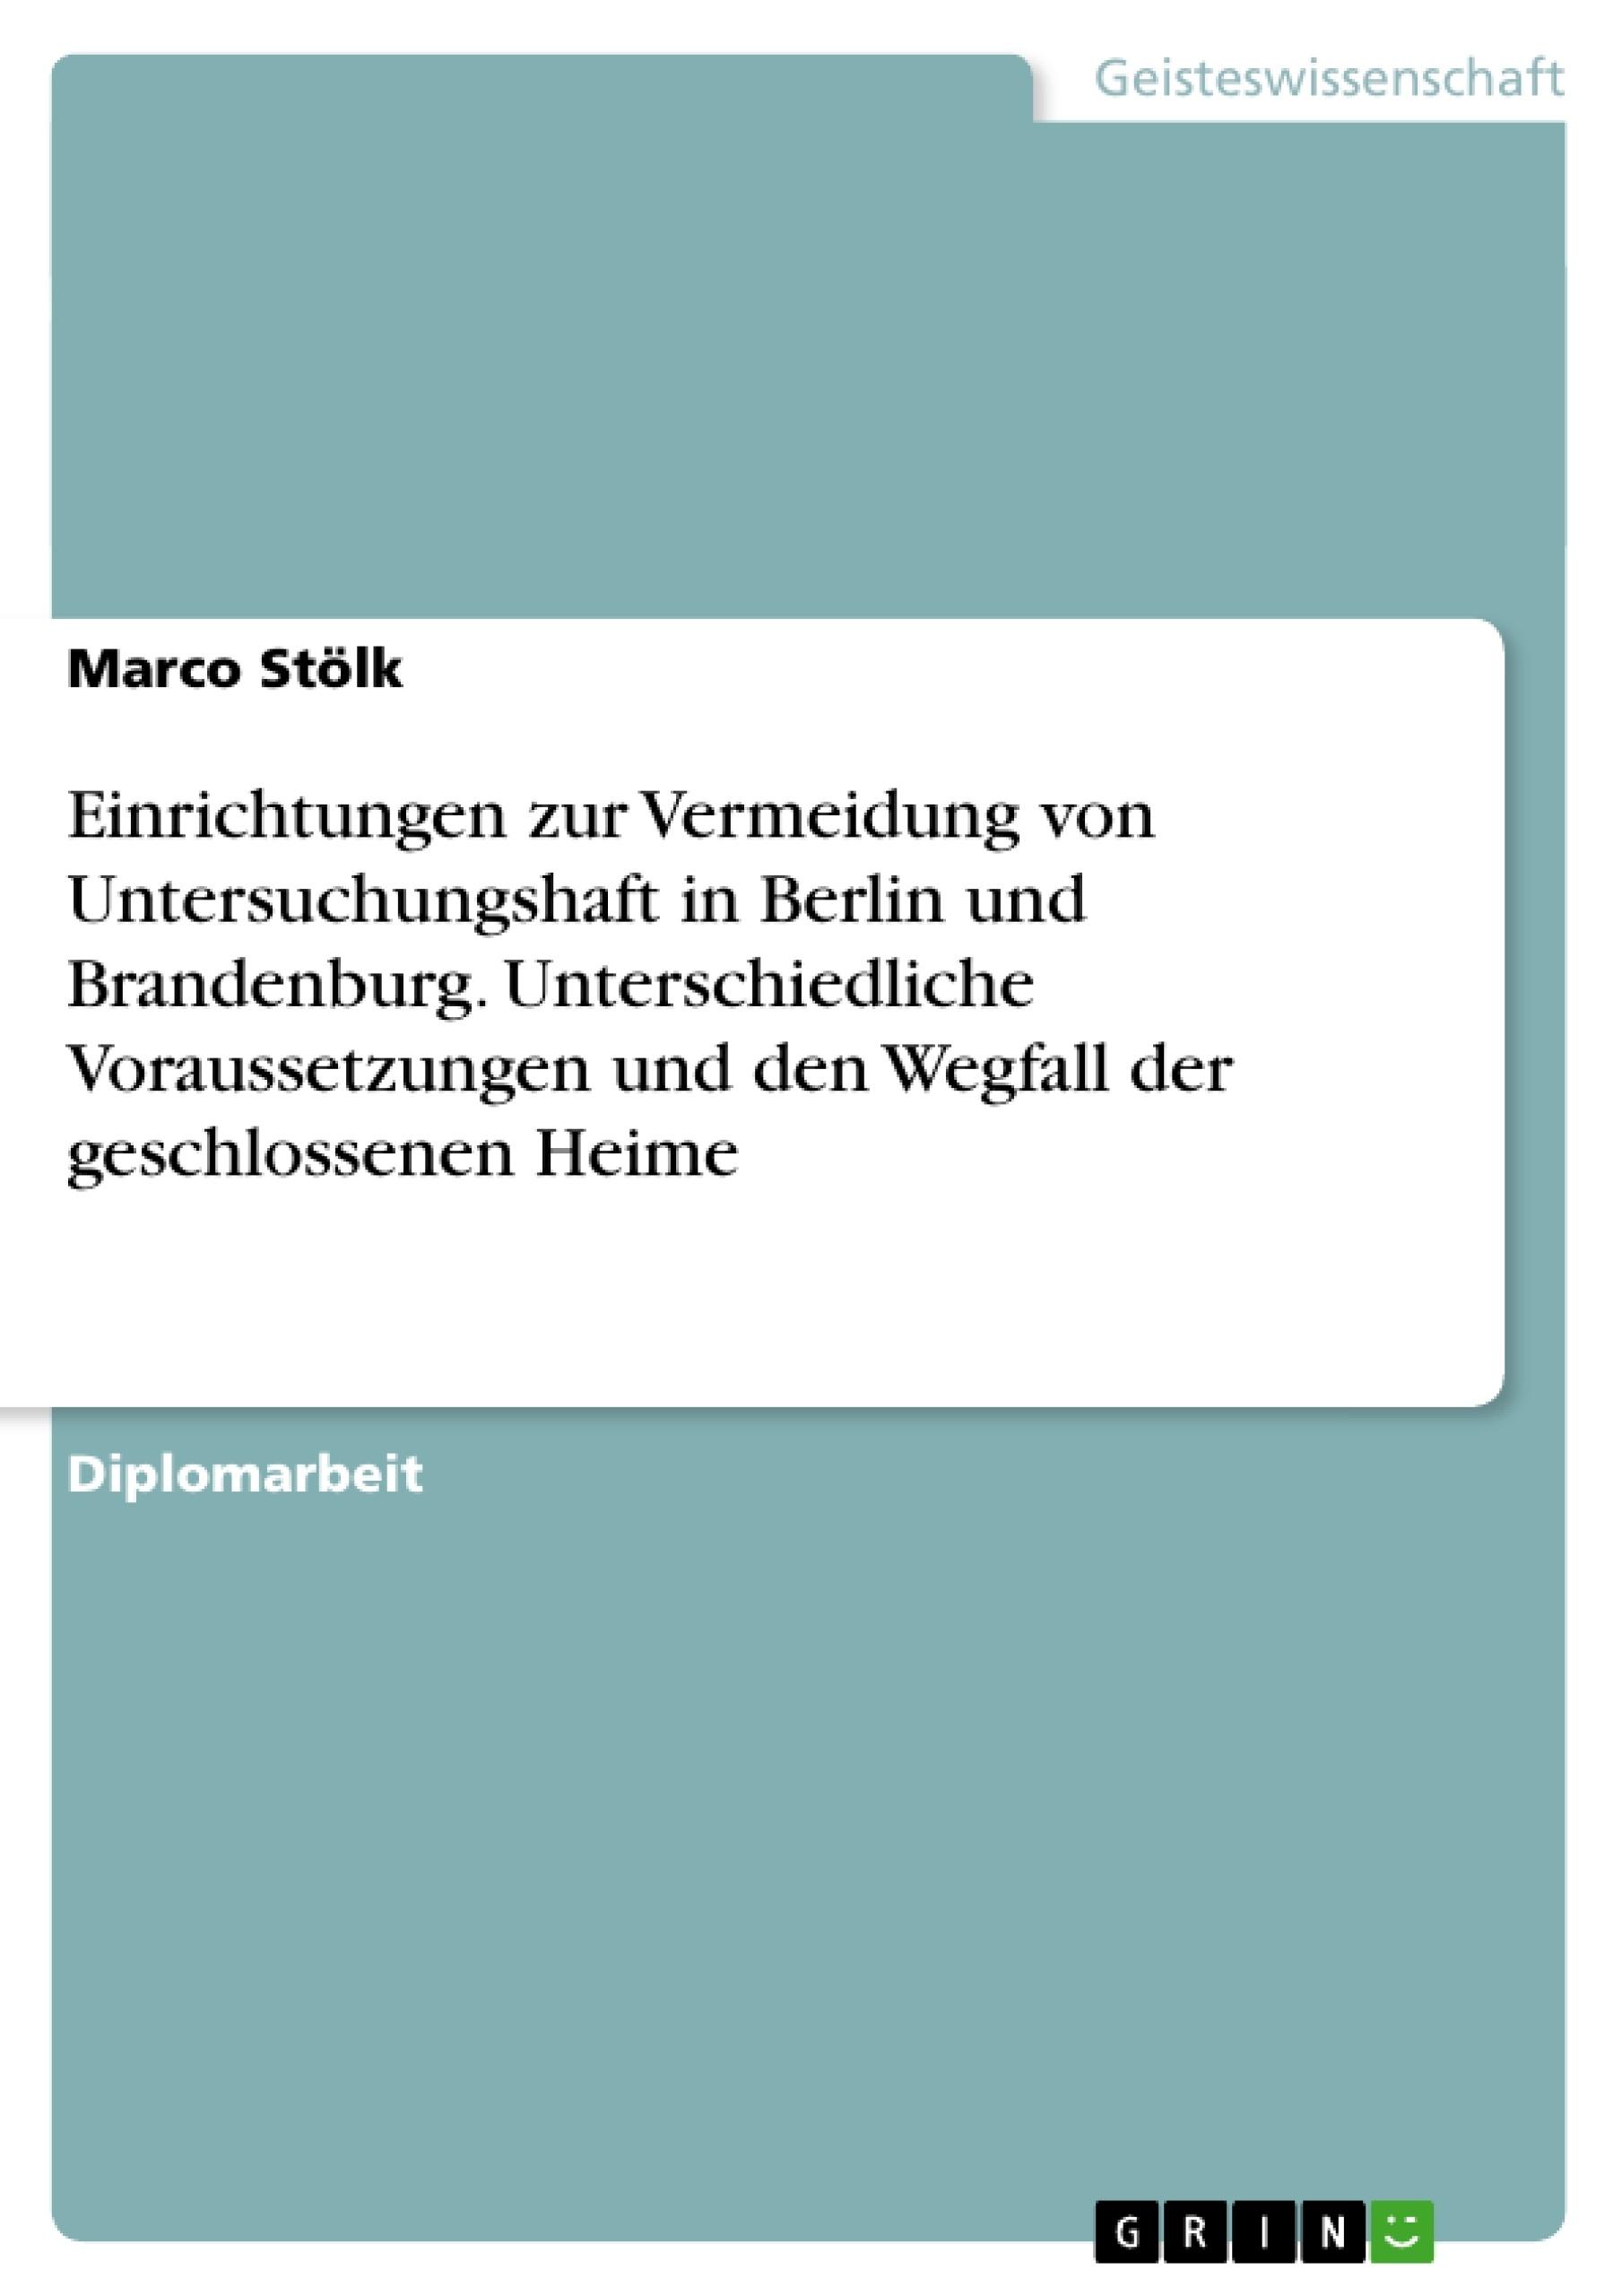 Titel: Einrichtungen zur Vermeidung von Untersuchungshaft in Berlin und Brandenburg. Unterschiedliche Voraussetzungen und den Wegfall der geschlossenen Heime